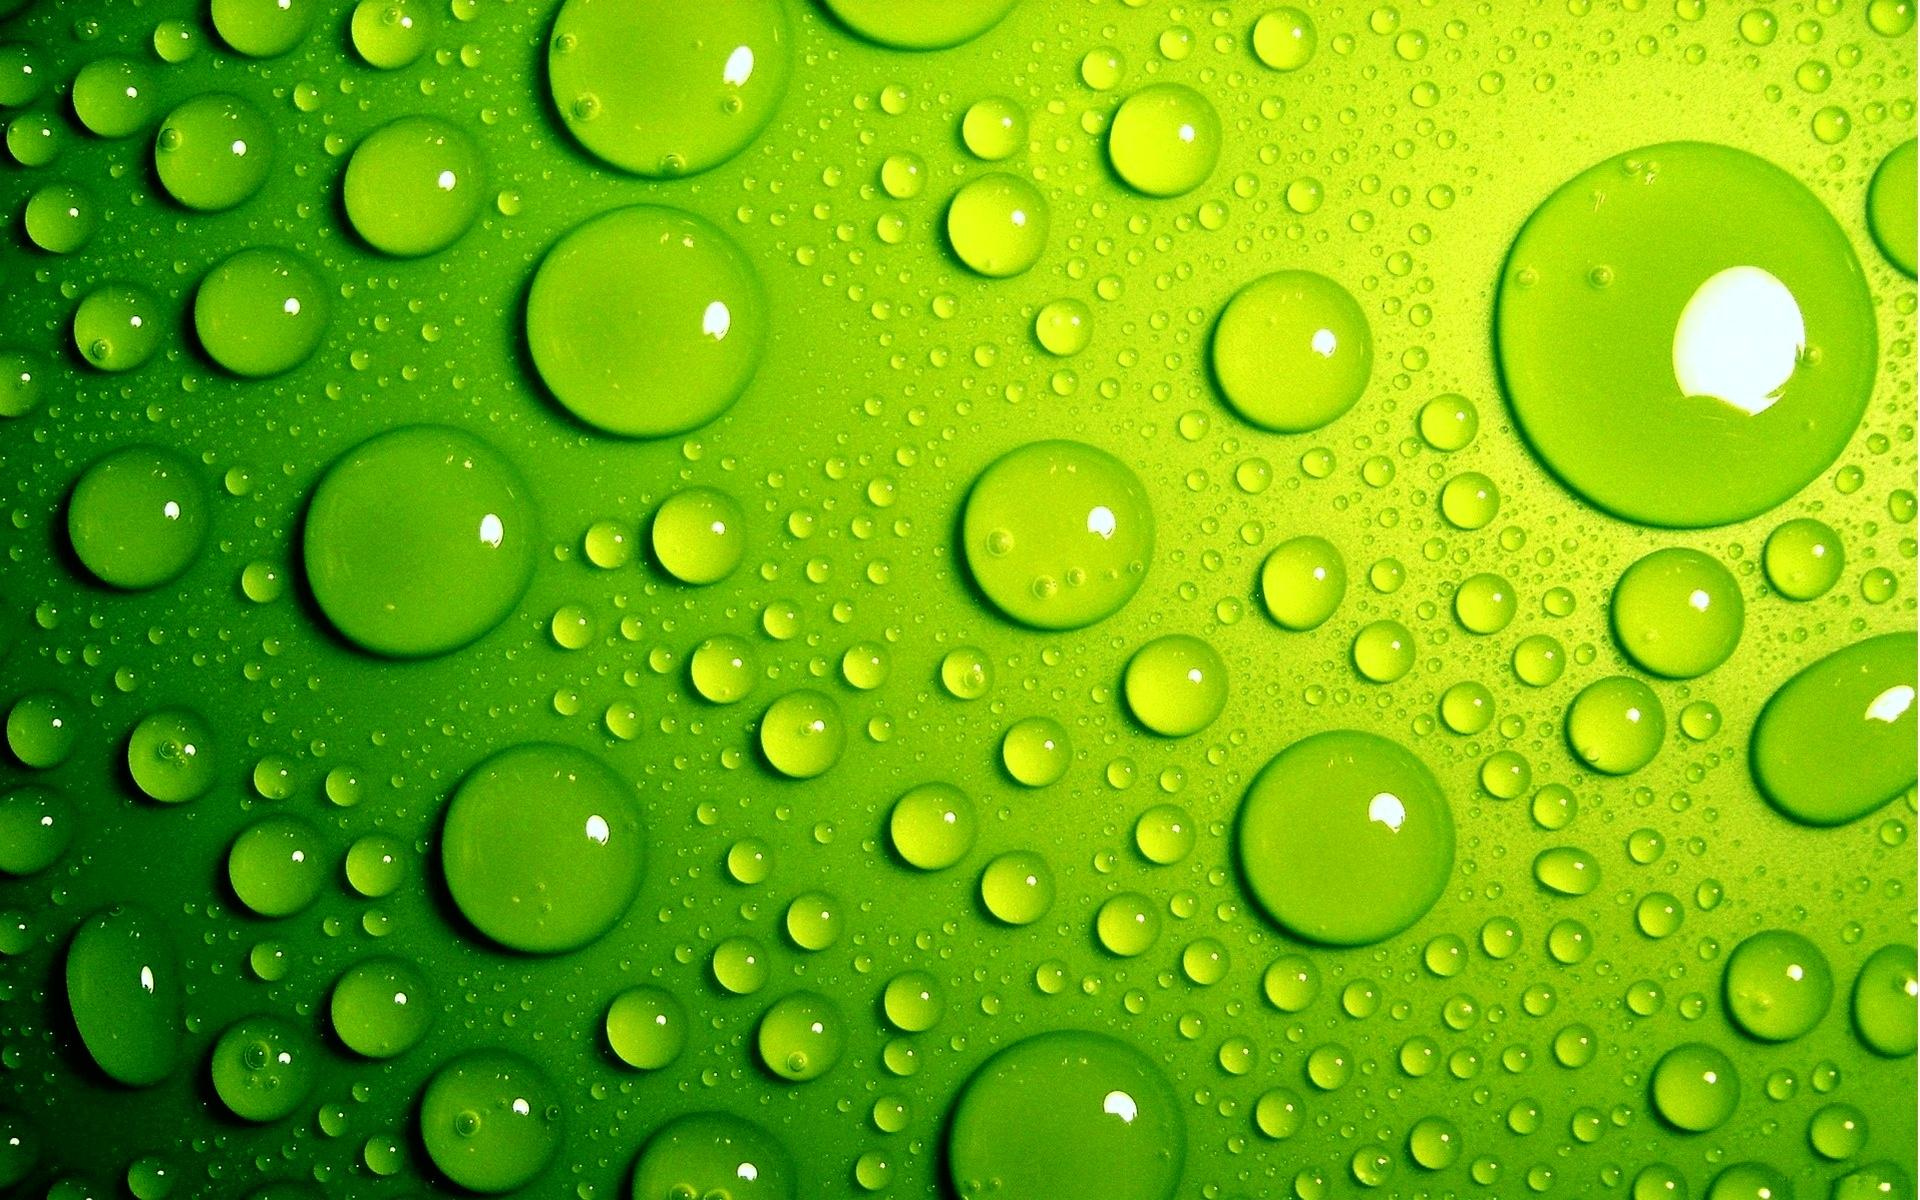 green bubbles screensavers wallpapers walls 1920x1200 1920x1200